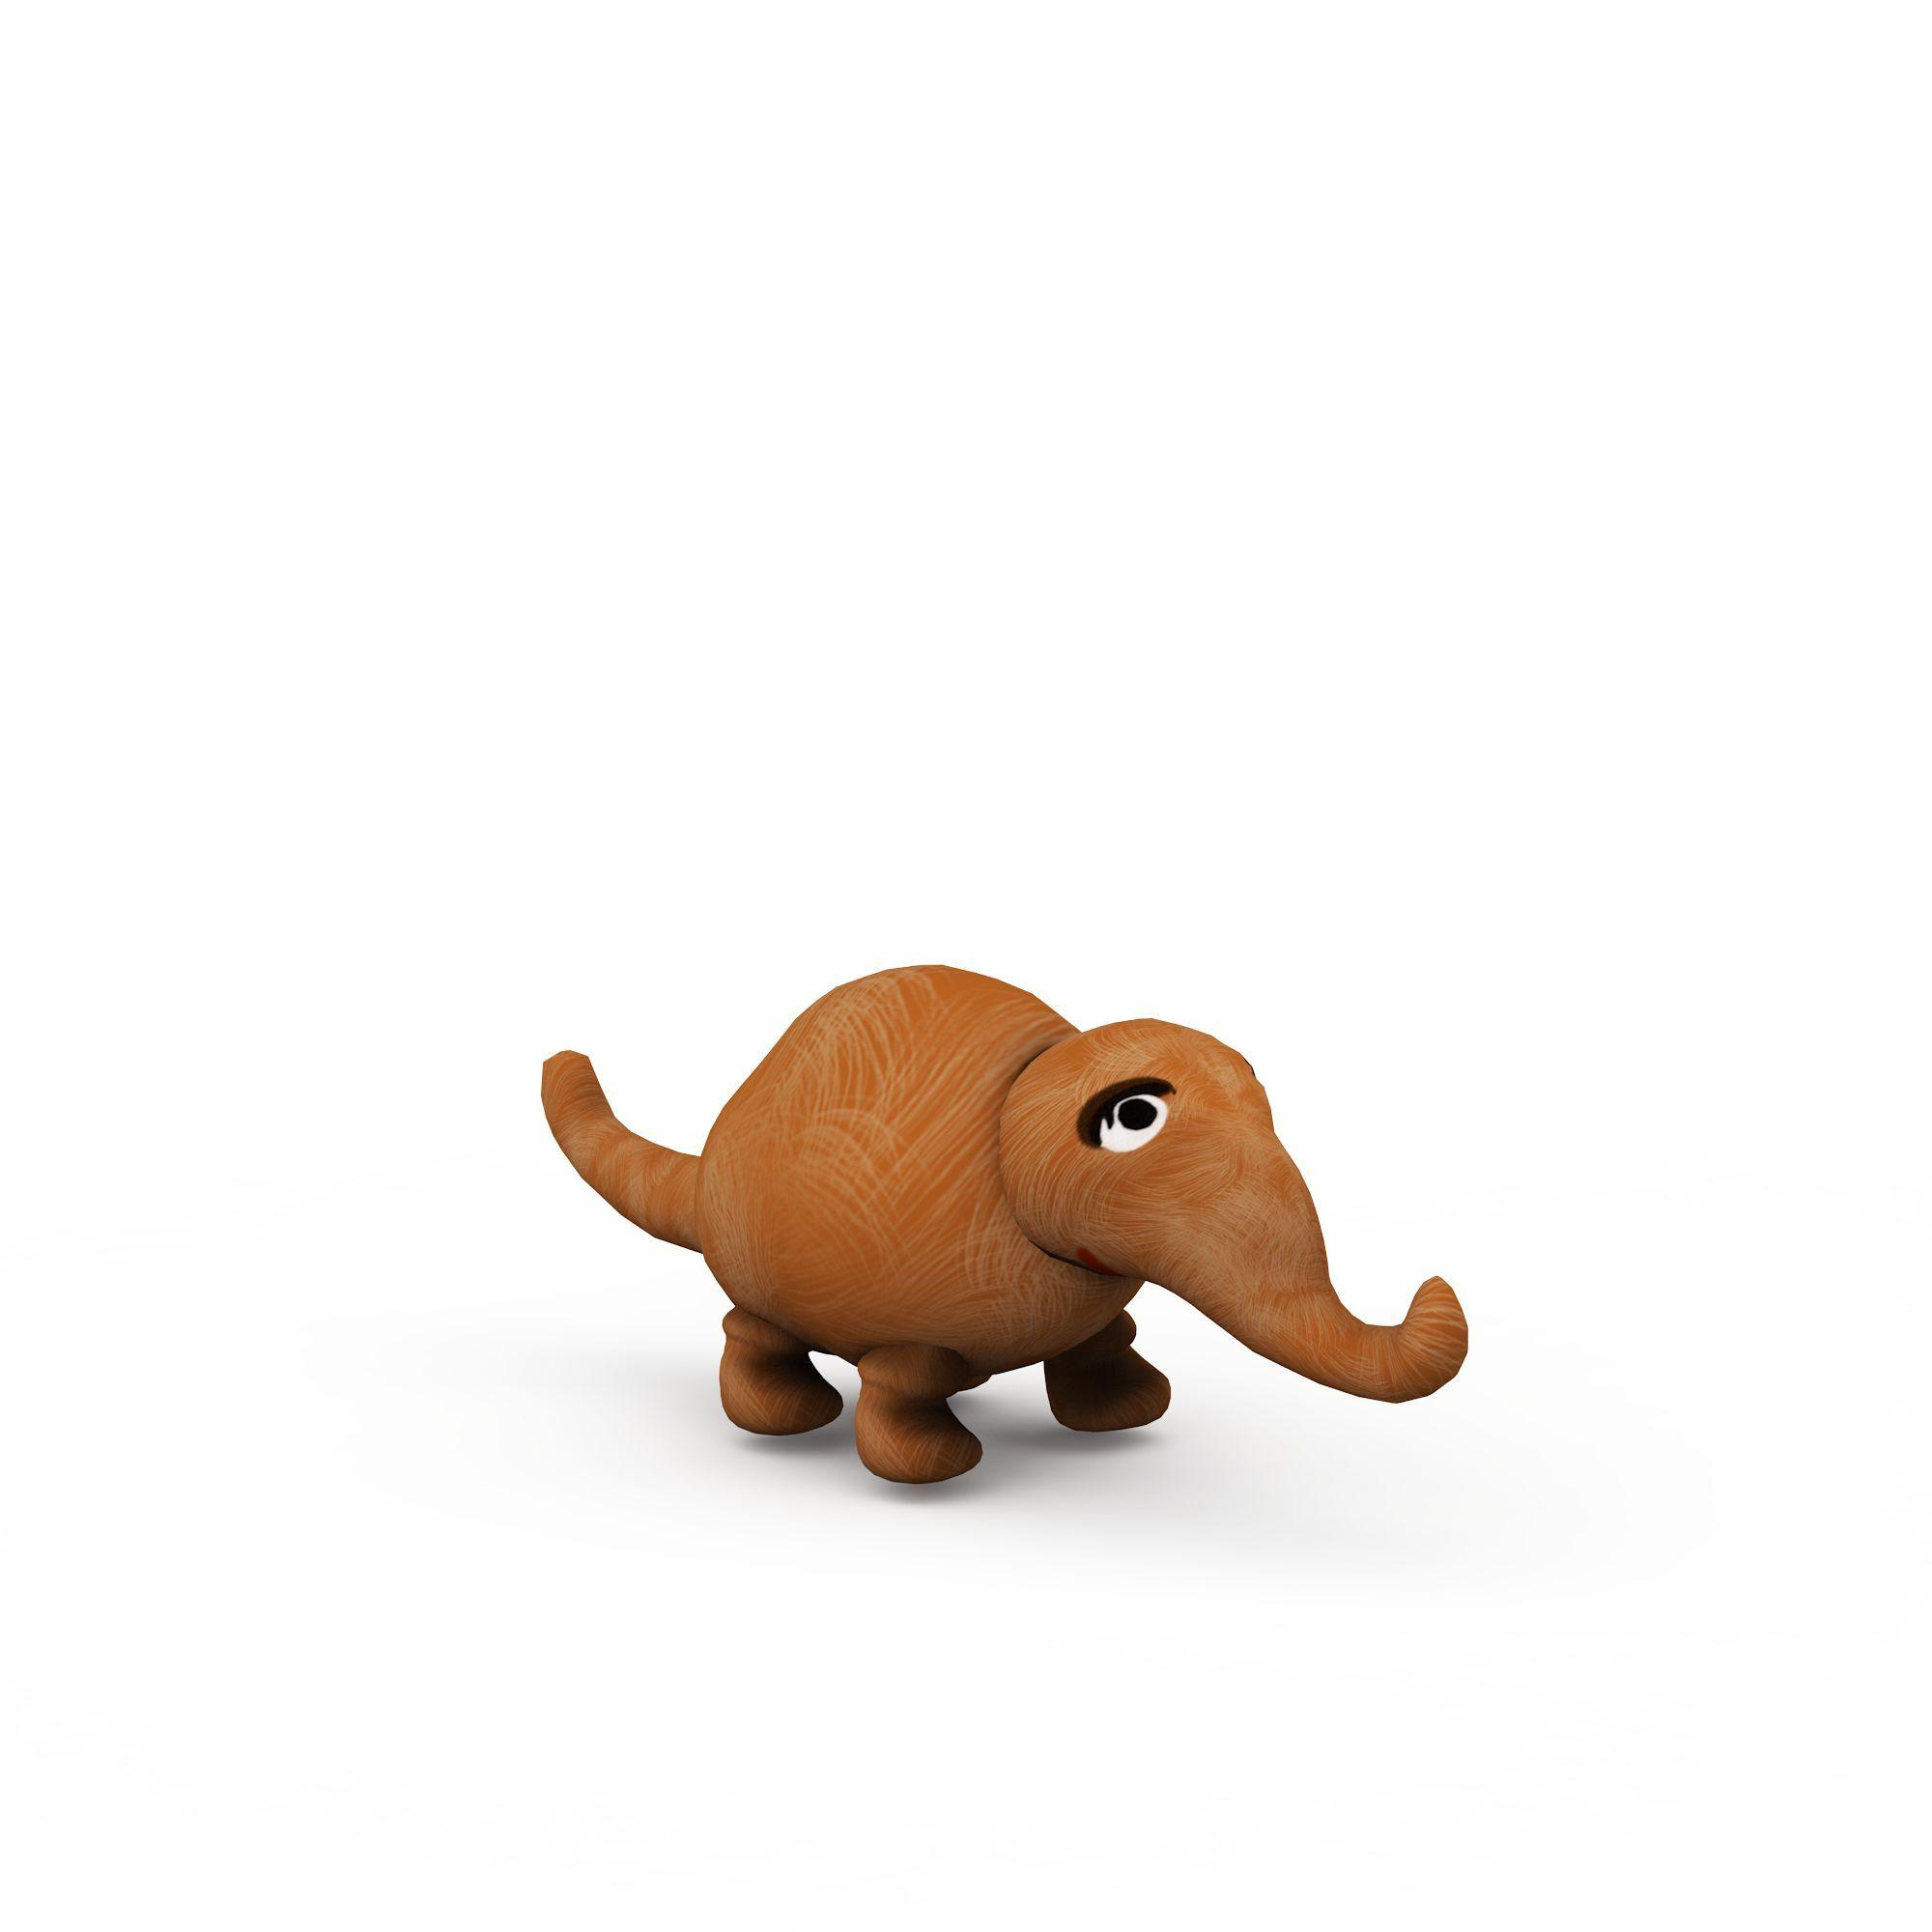 大象玩具png高清图片下载